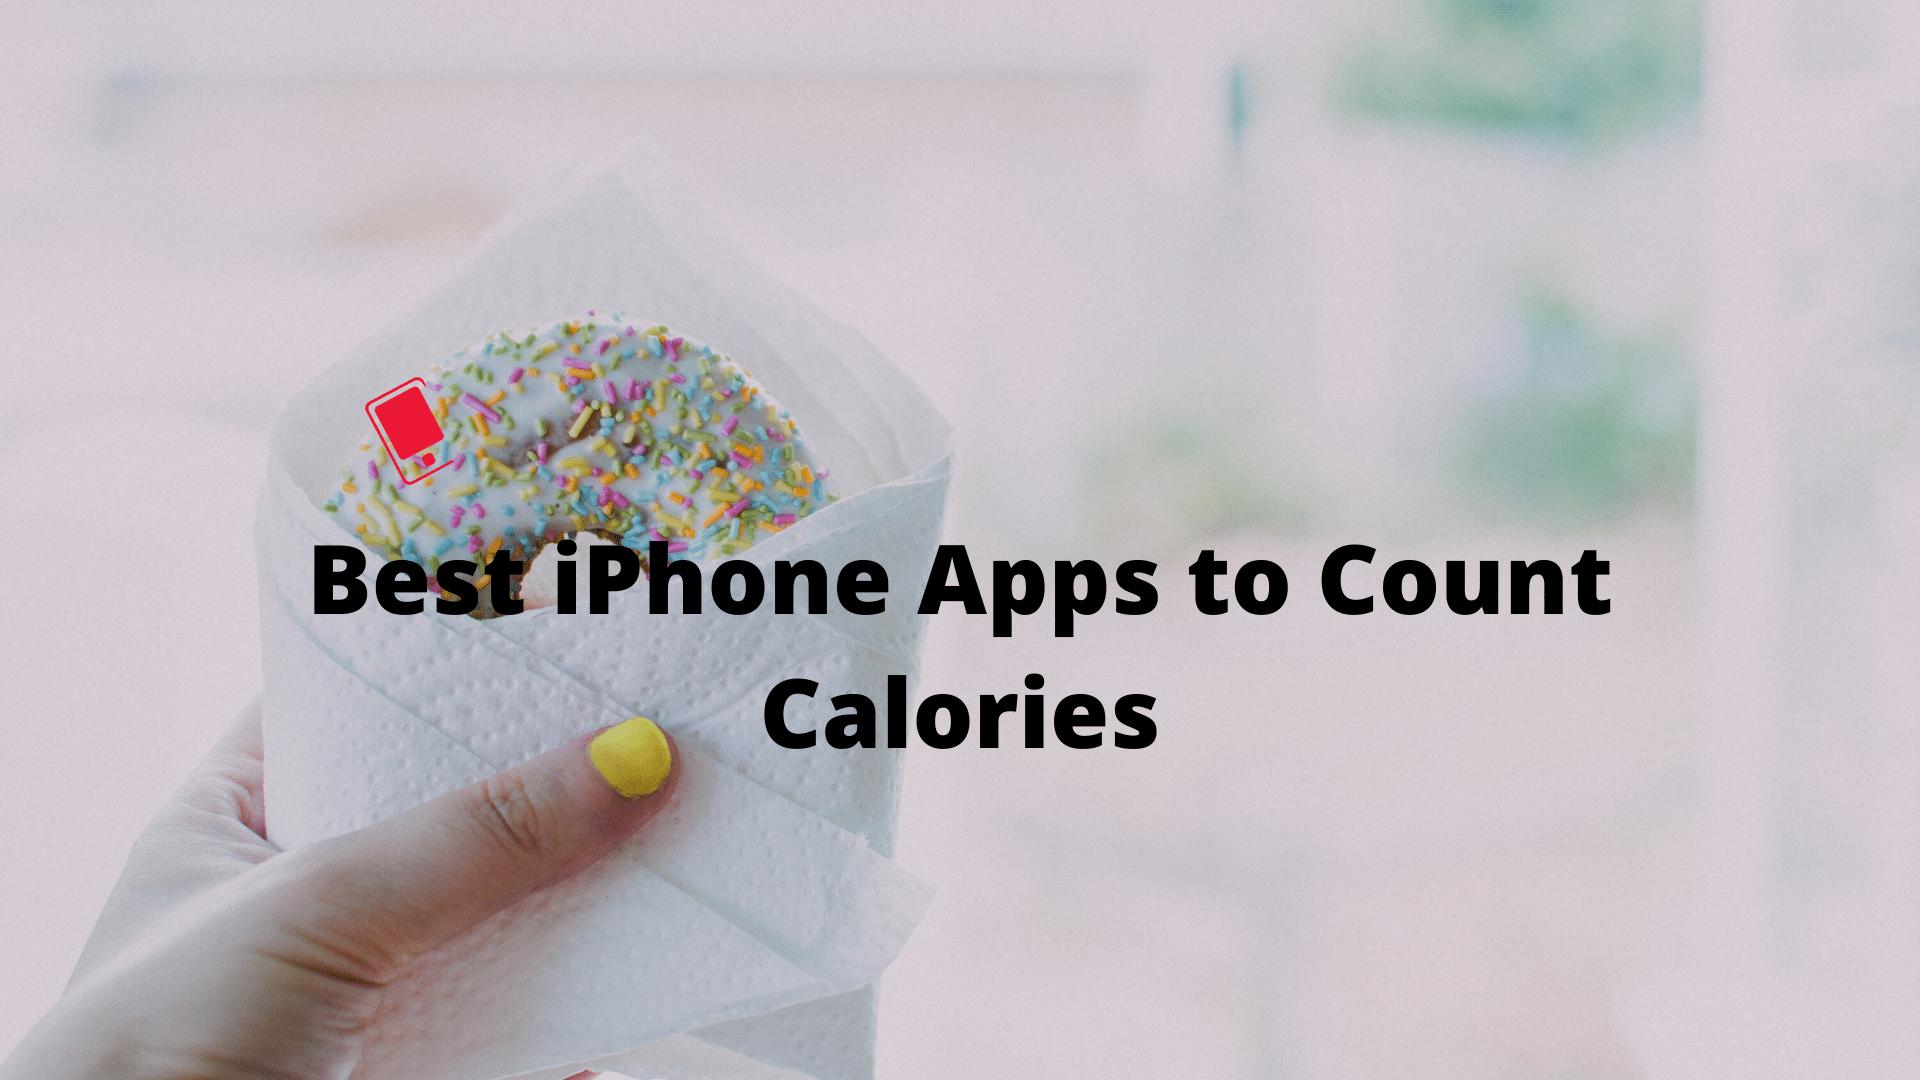 Las mejores aplicaciones de iPhone para contador de calorías